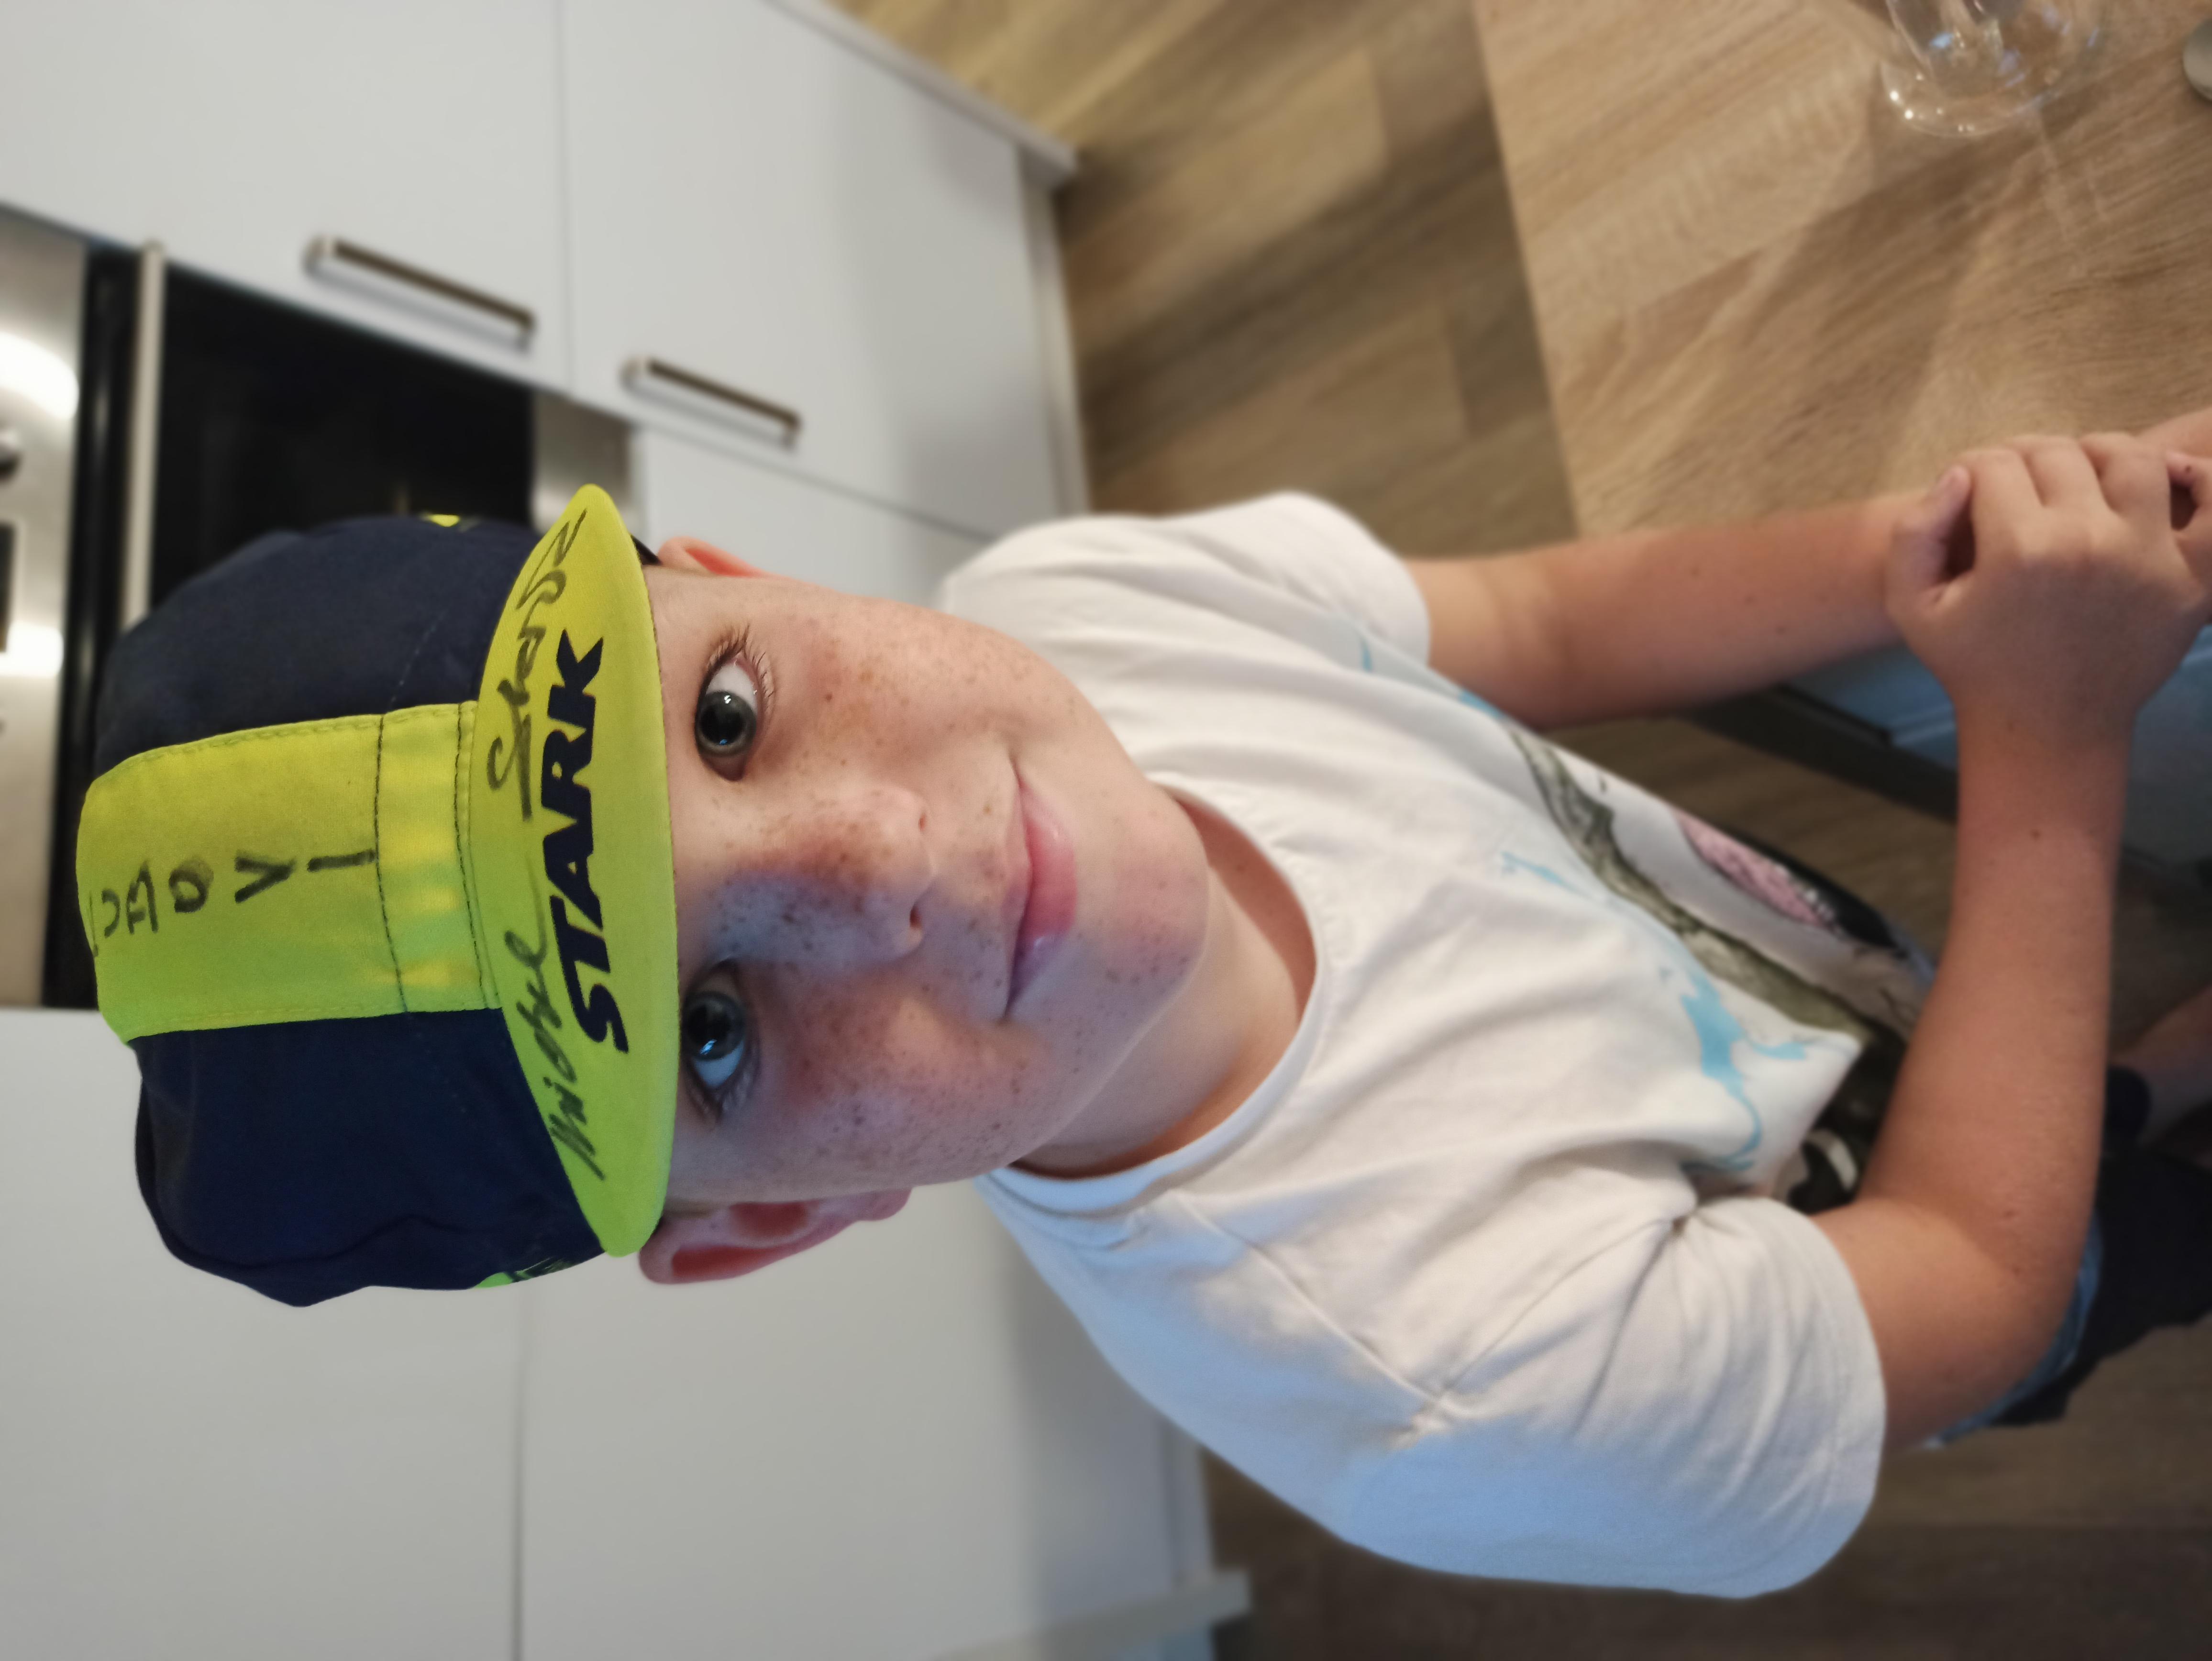 Syn Kuba s čepkou a podpisem Michala Starka, který je v jeho očích Ironman.